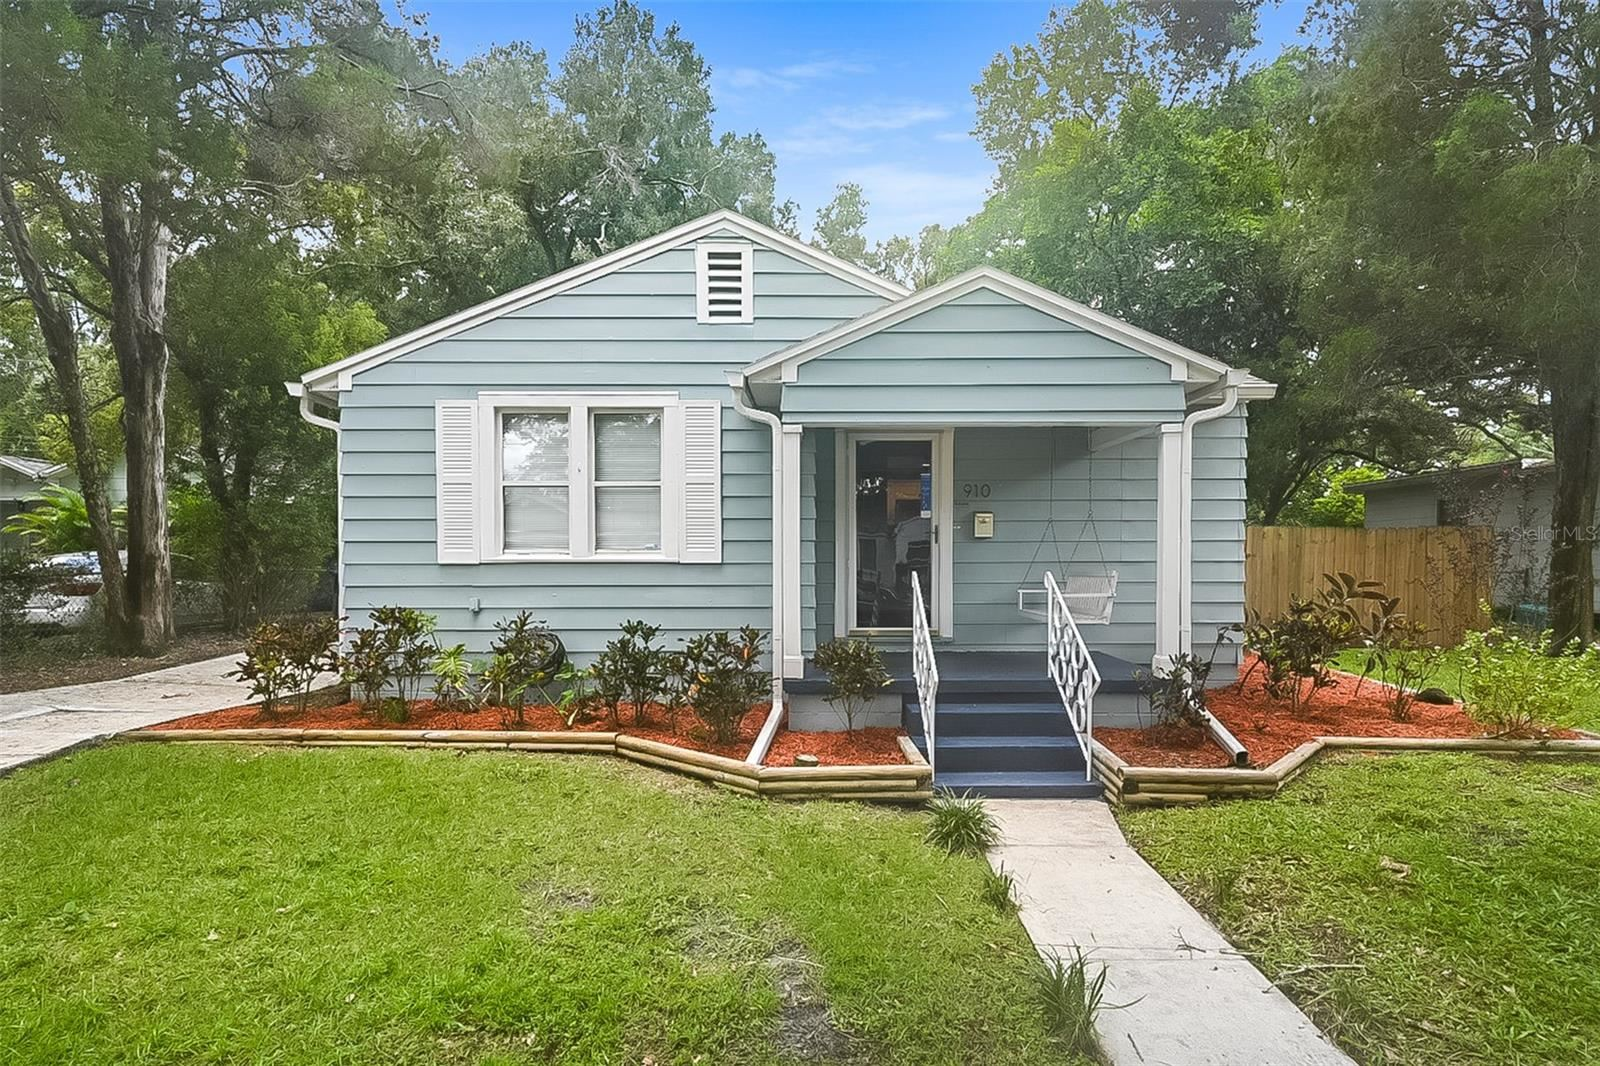 910 W ORIENT STREET, Tampa, FL 33603 - #: O5965989